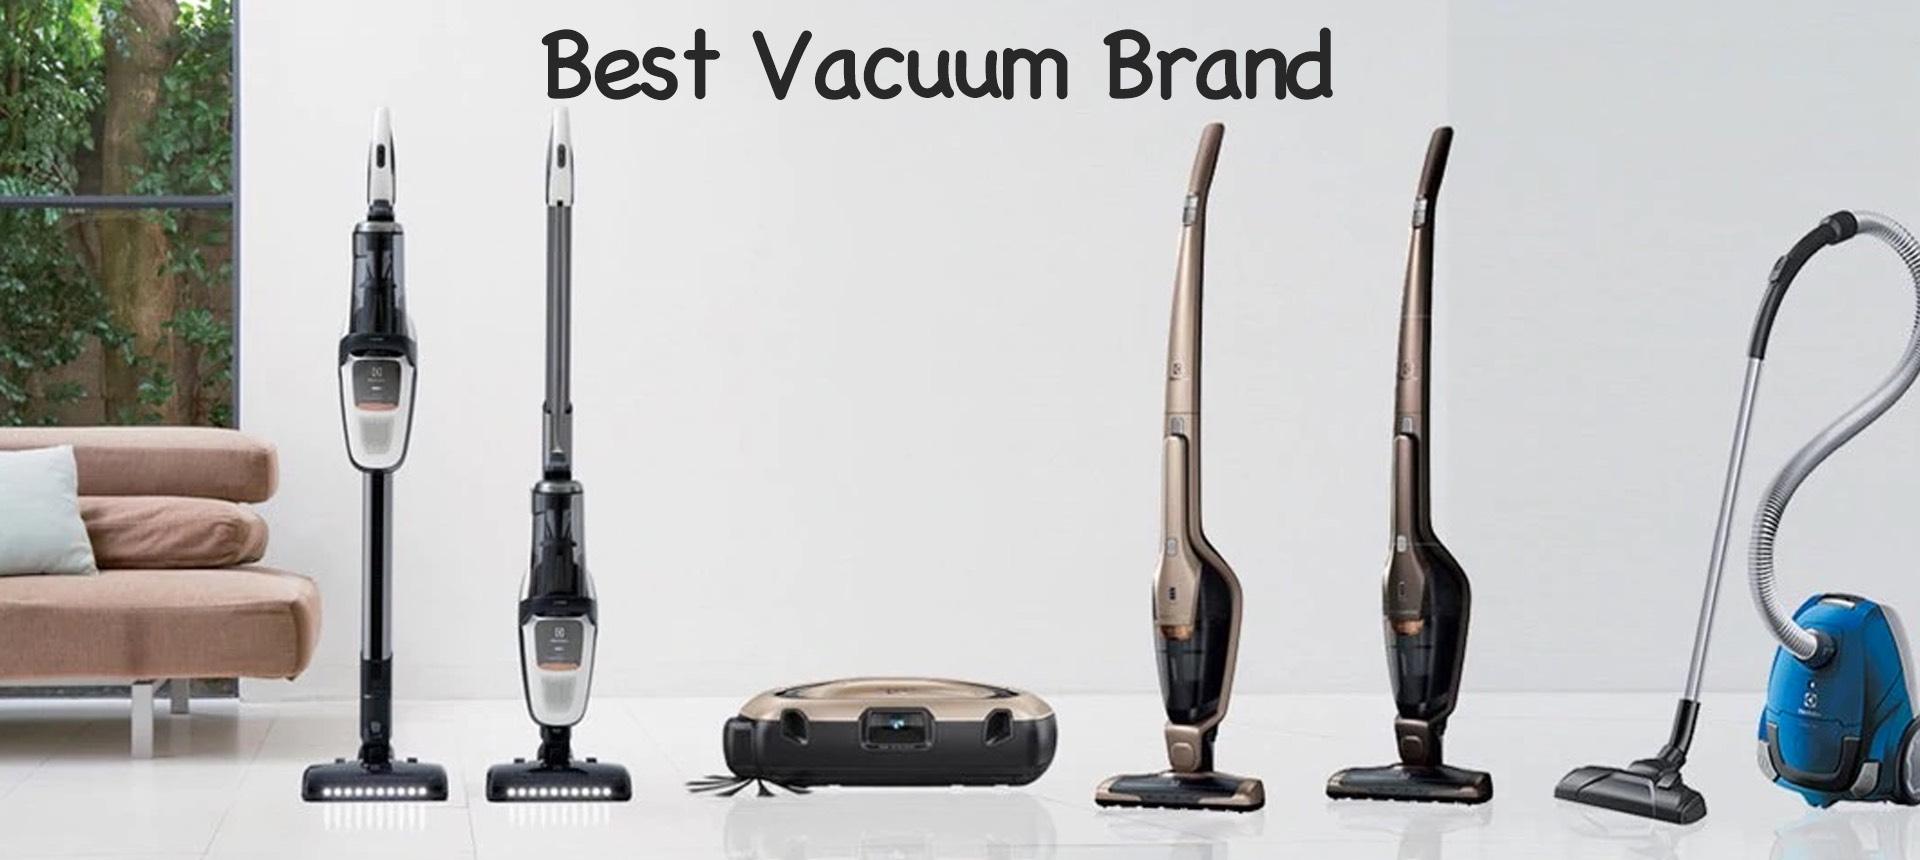 Best Vacuum Brand